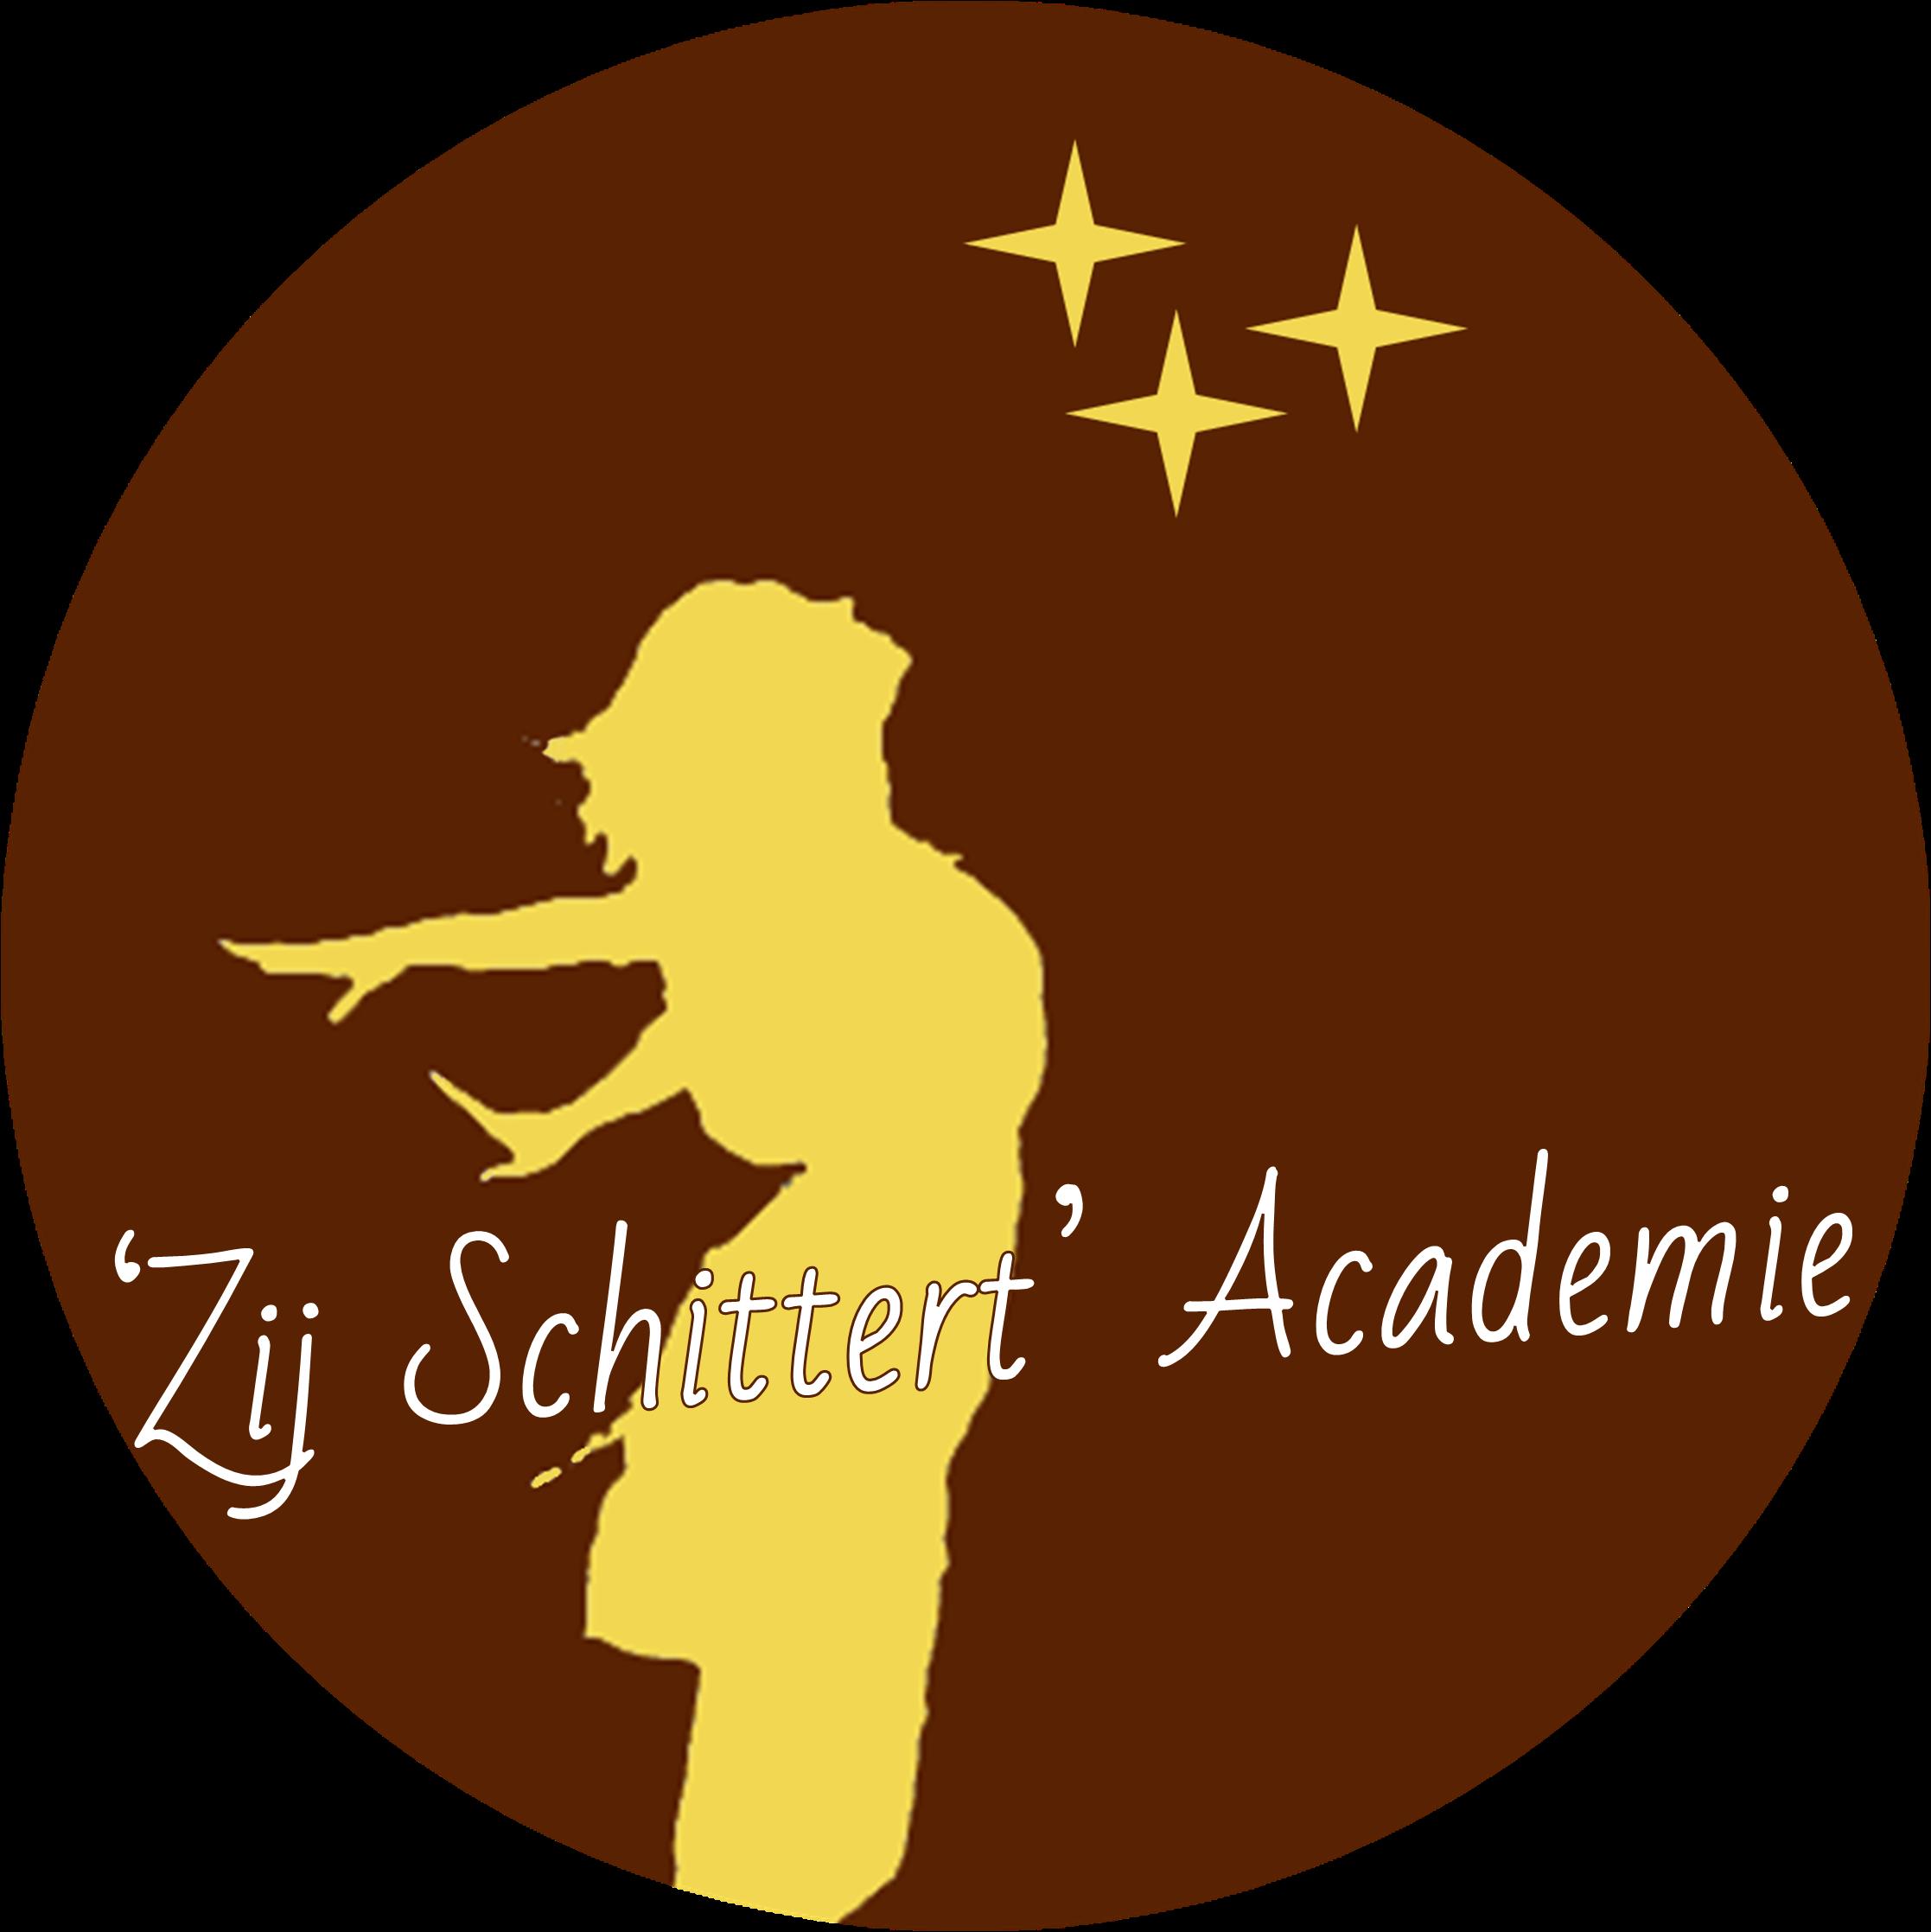 'Zij schittert' Academie